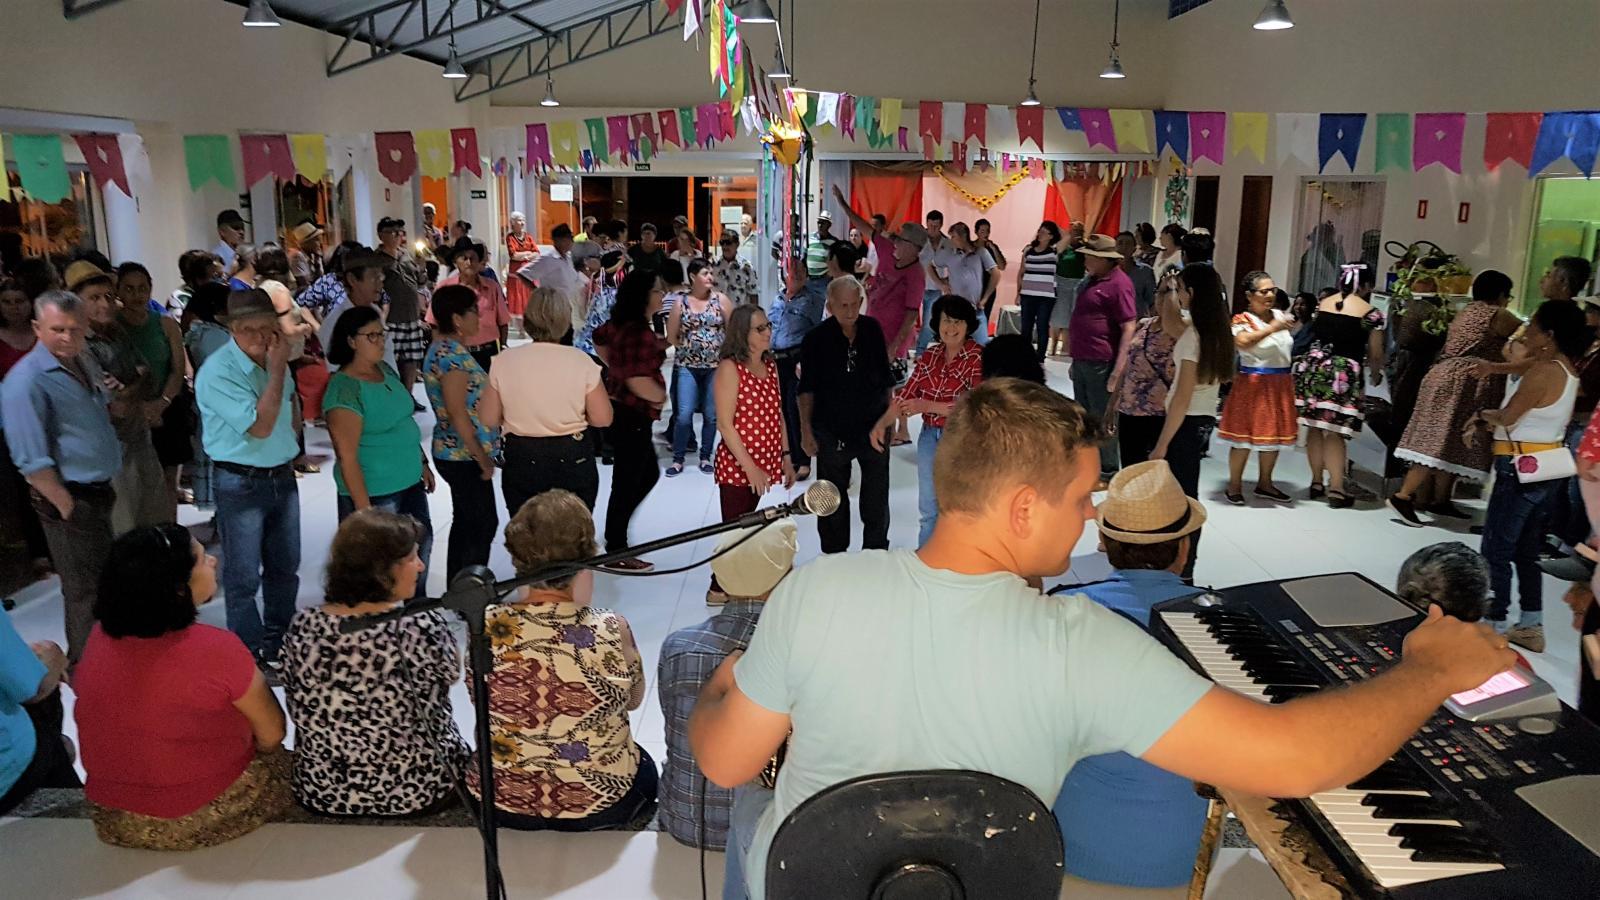 Festas Caipiras movimentaram as atividades do Serviço de Convivência e Fortalecimento de Vínculos de Itarana